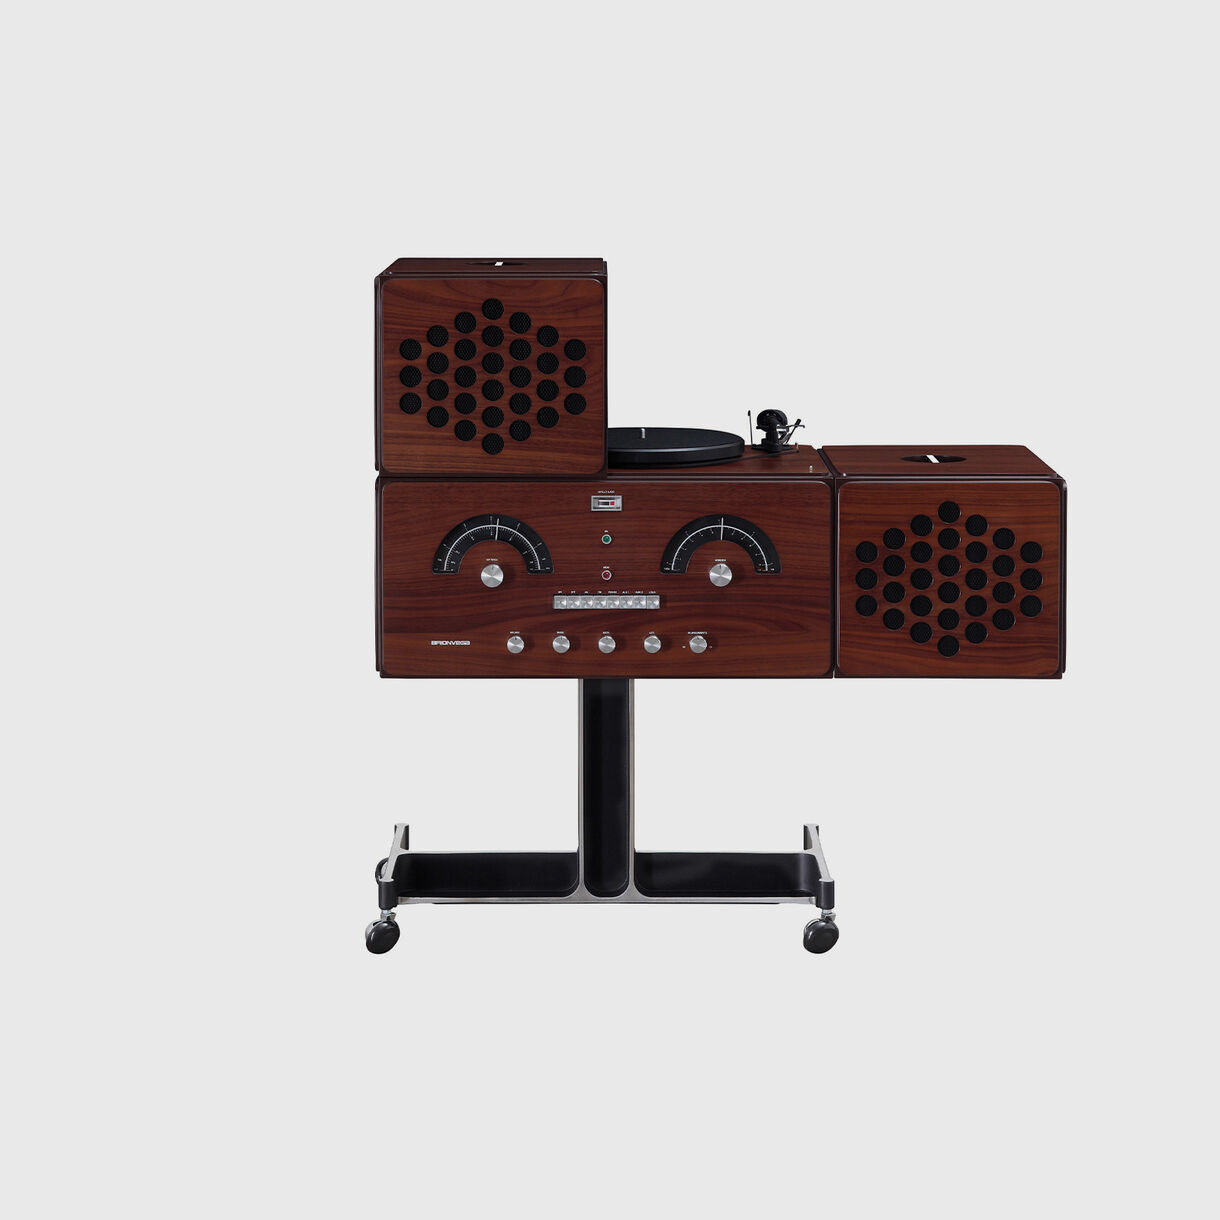 Radiofonografo, Walnut